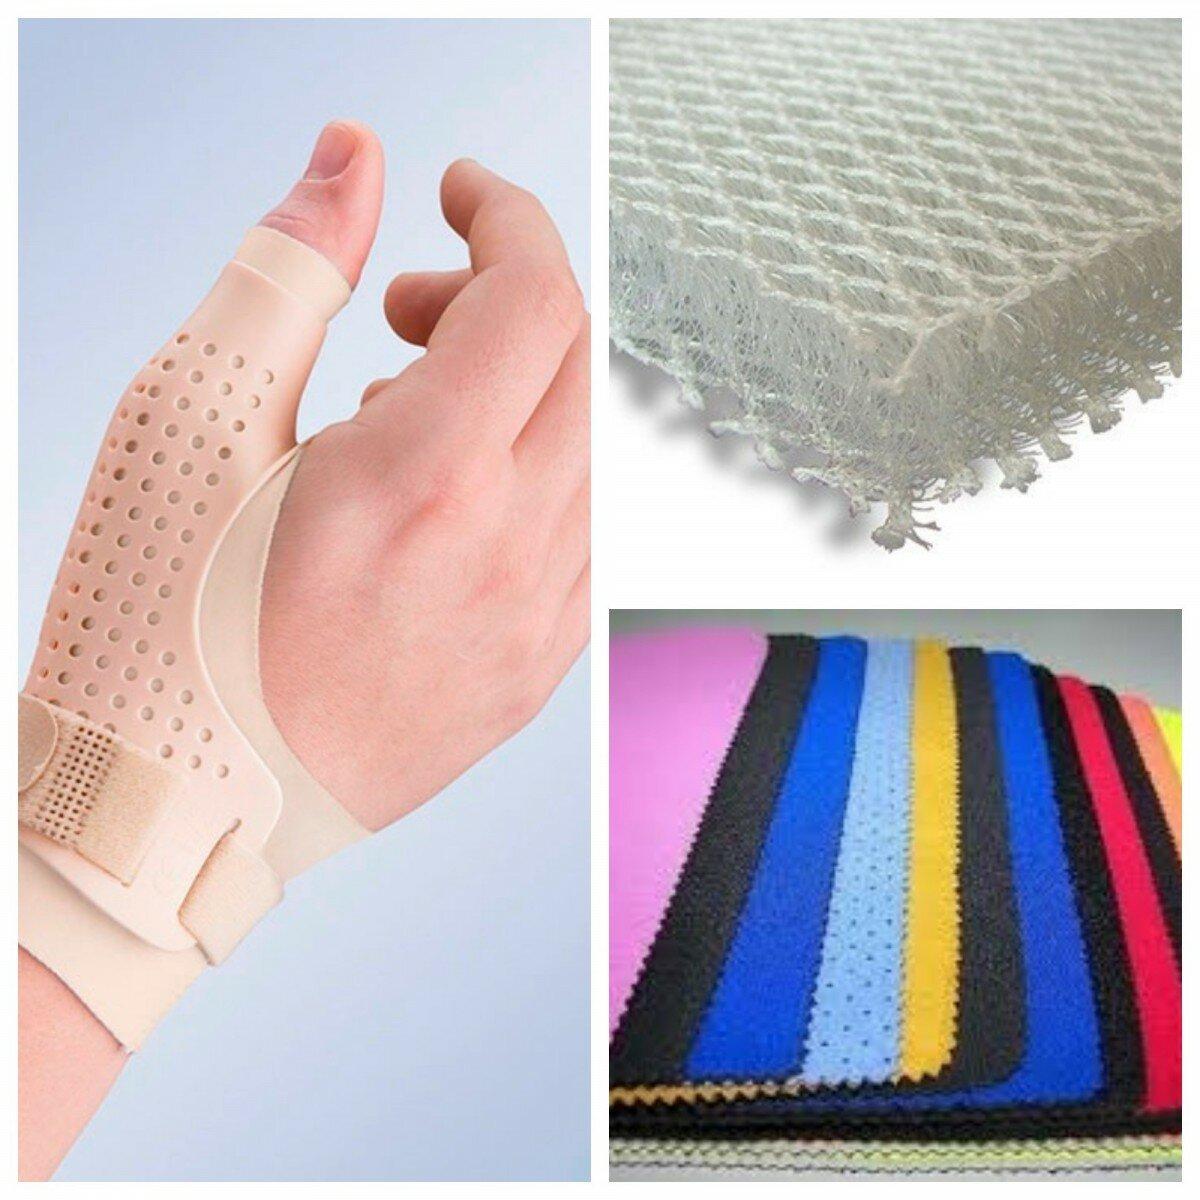 Матеріали для виготовлення ортопедичних виробів